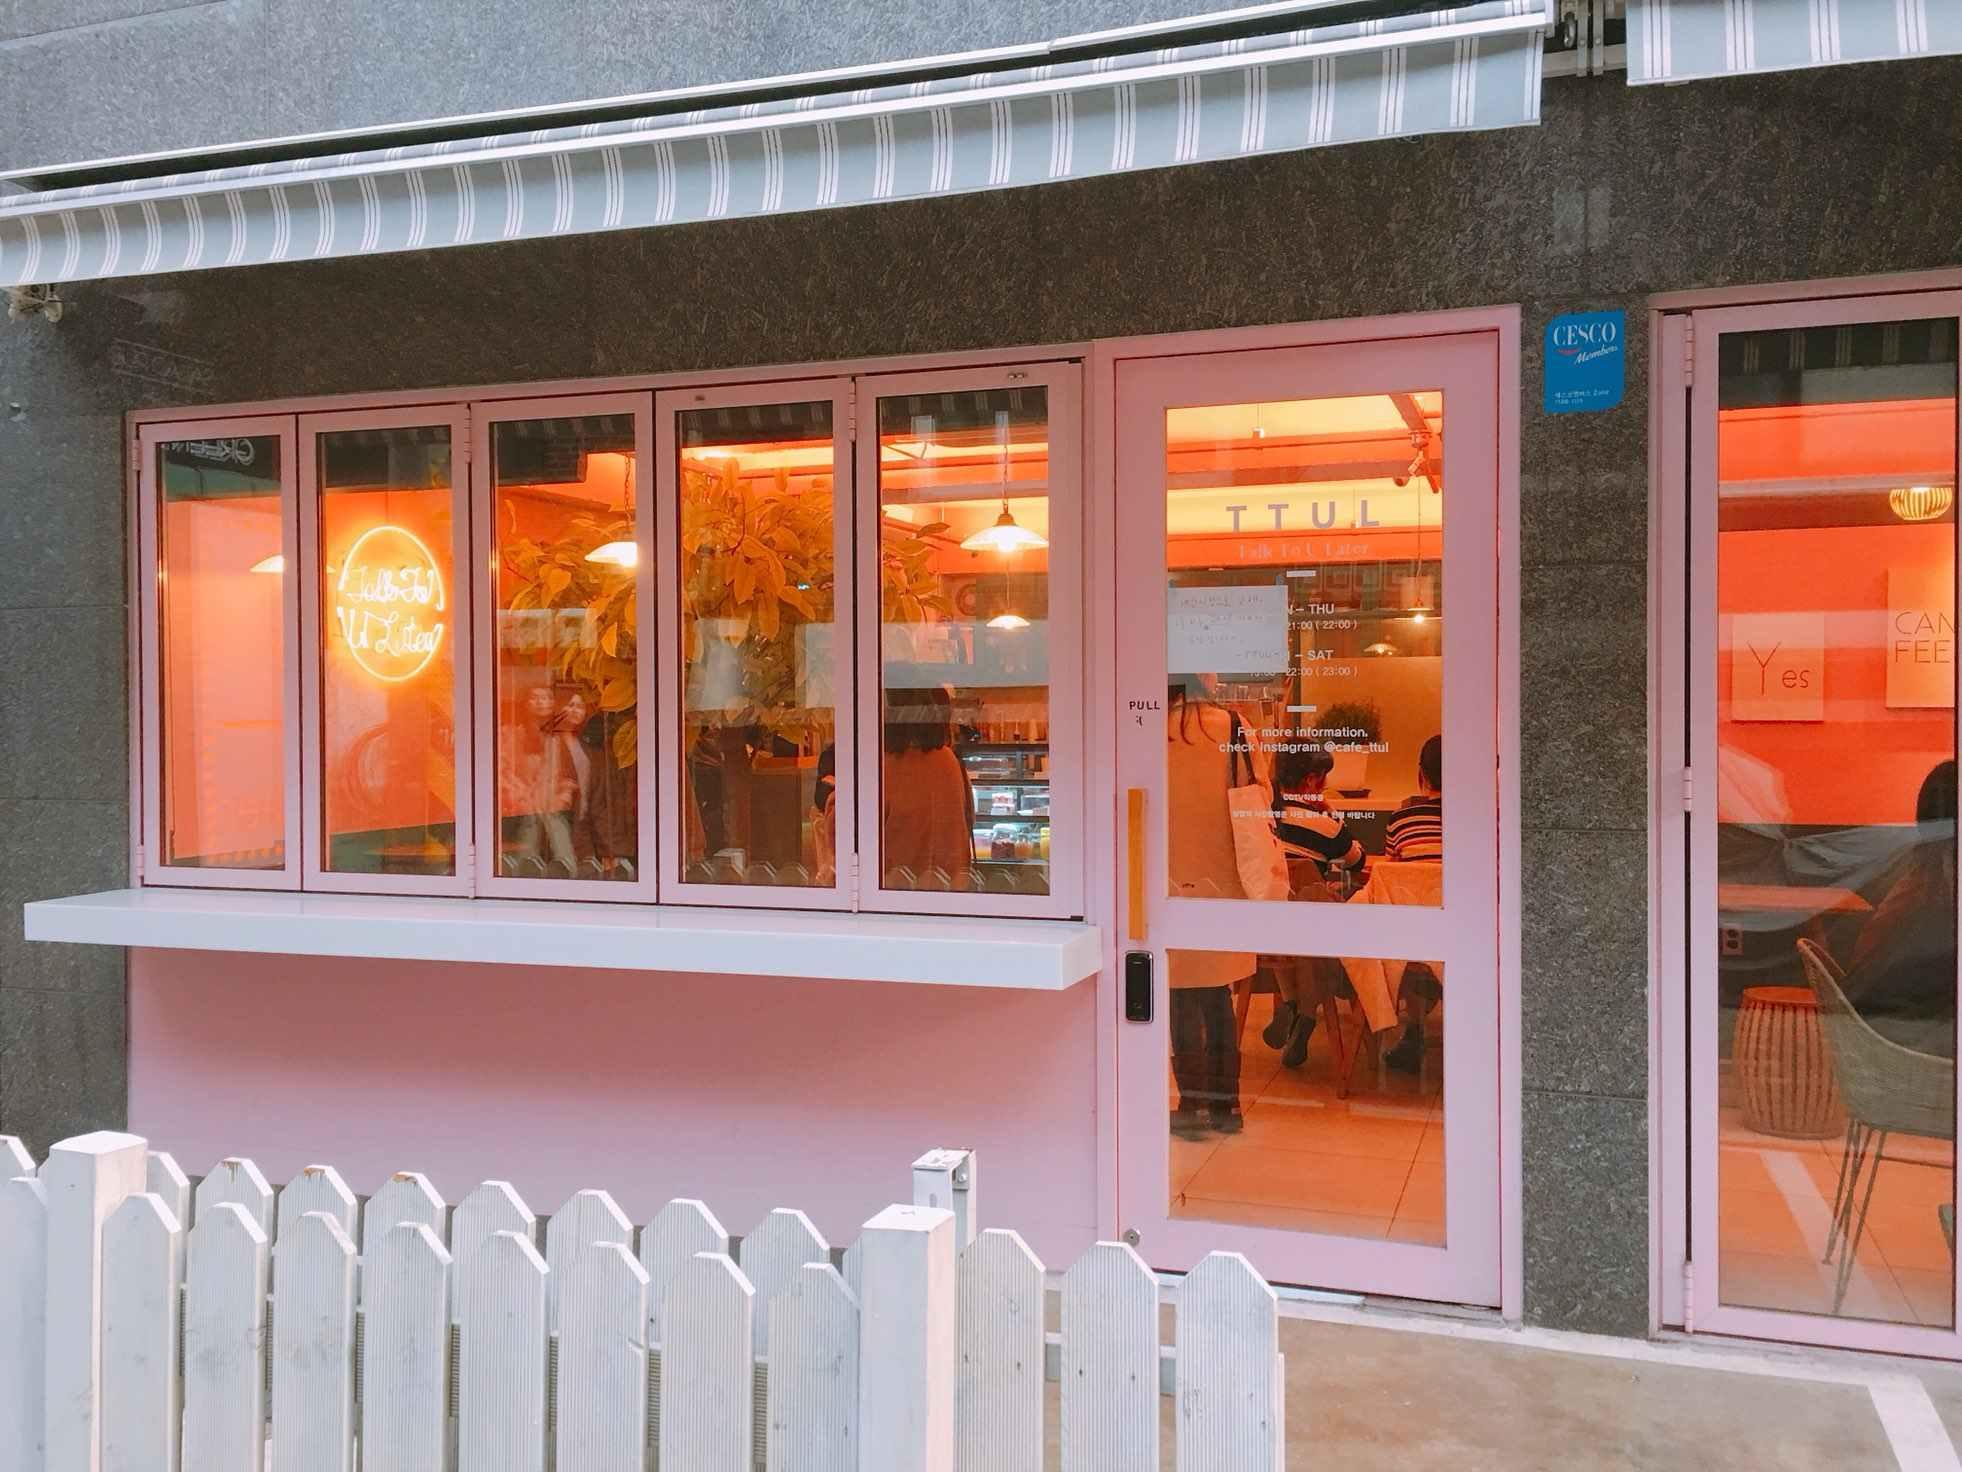 這間咖啡廳是小編和朋友們路過意外發現的,店名叫「TTUL」,是「Talk To U Later」的縮寫,就是女孩們一定會喜歡的粉紅咖啡廳啦!光是門口就超殺記憶體的啊~